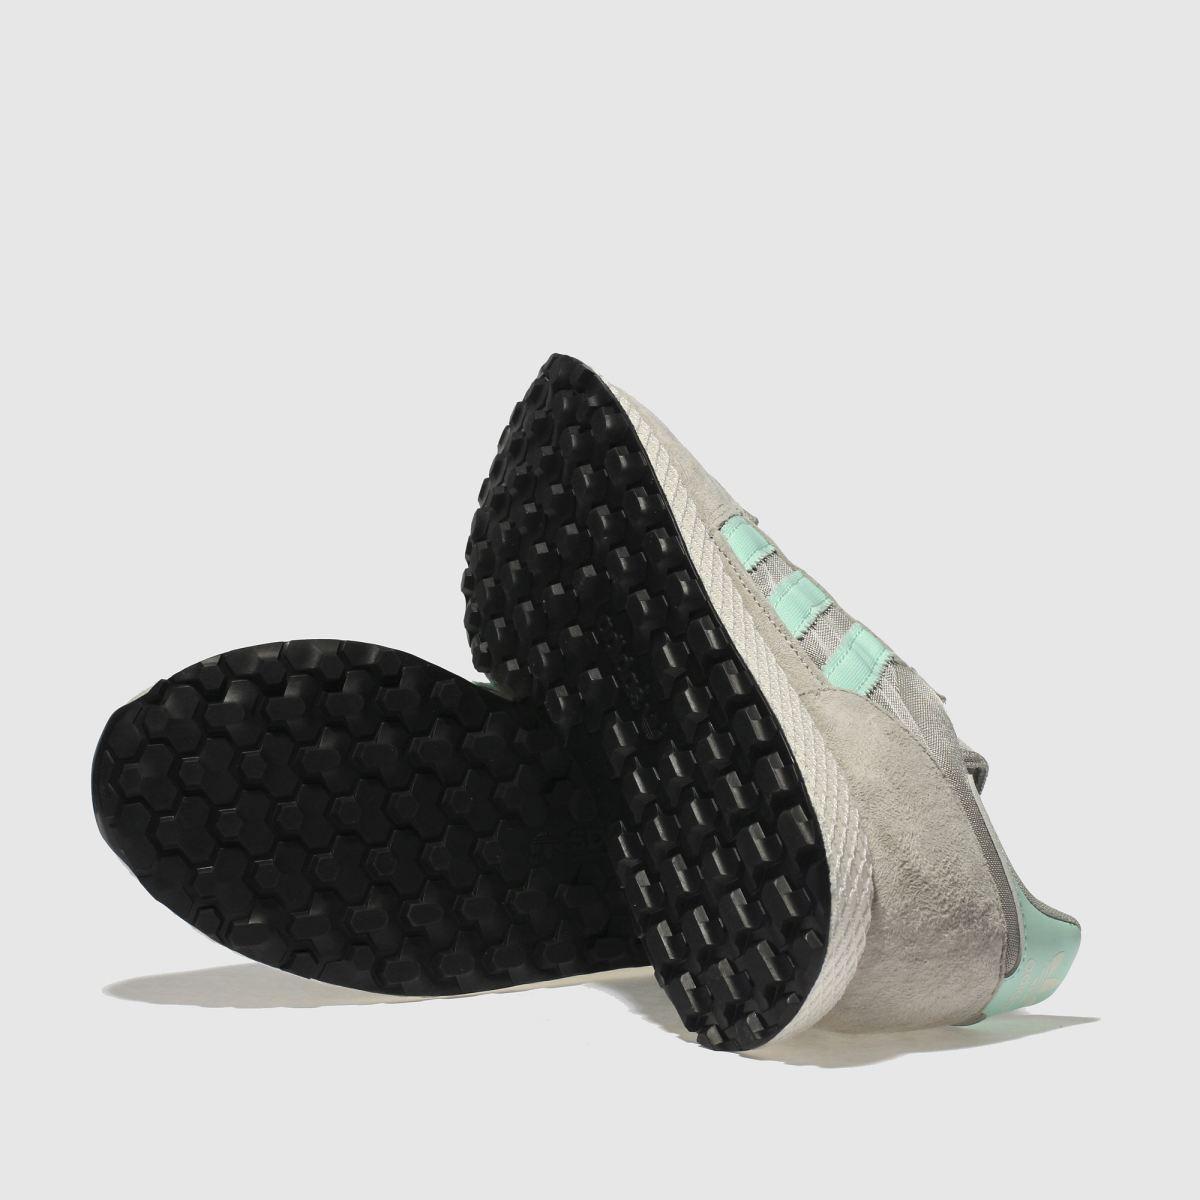 Damen Hellgrau Gute adidas Forest Grove Sneaker | schuh Gute Hellgrau Qualität beliebte Schuhe 377229